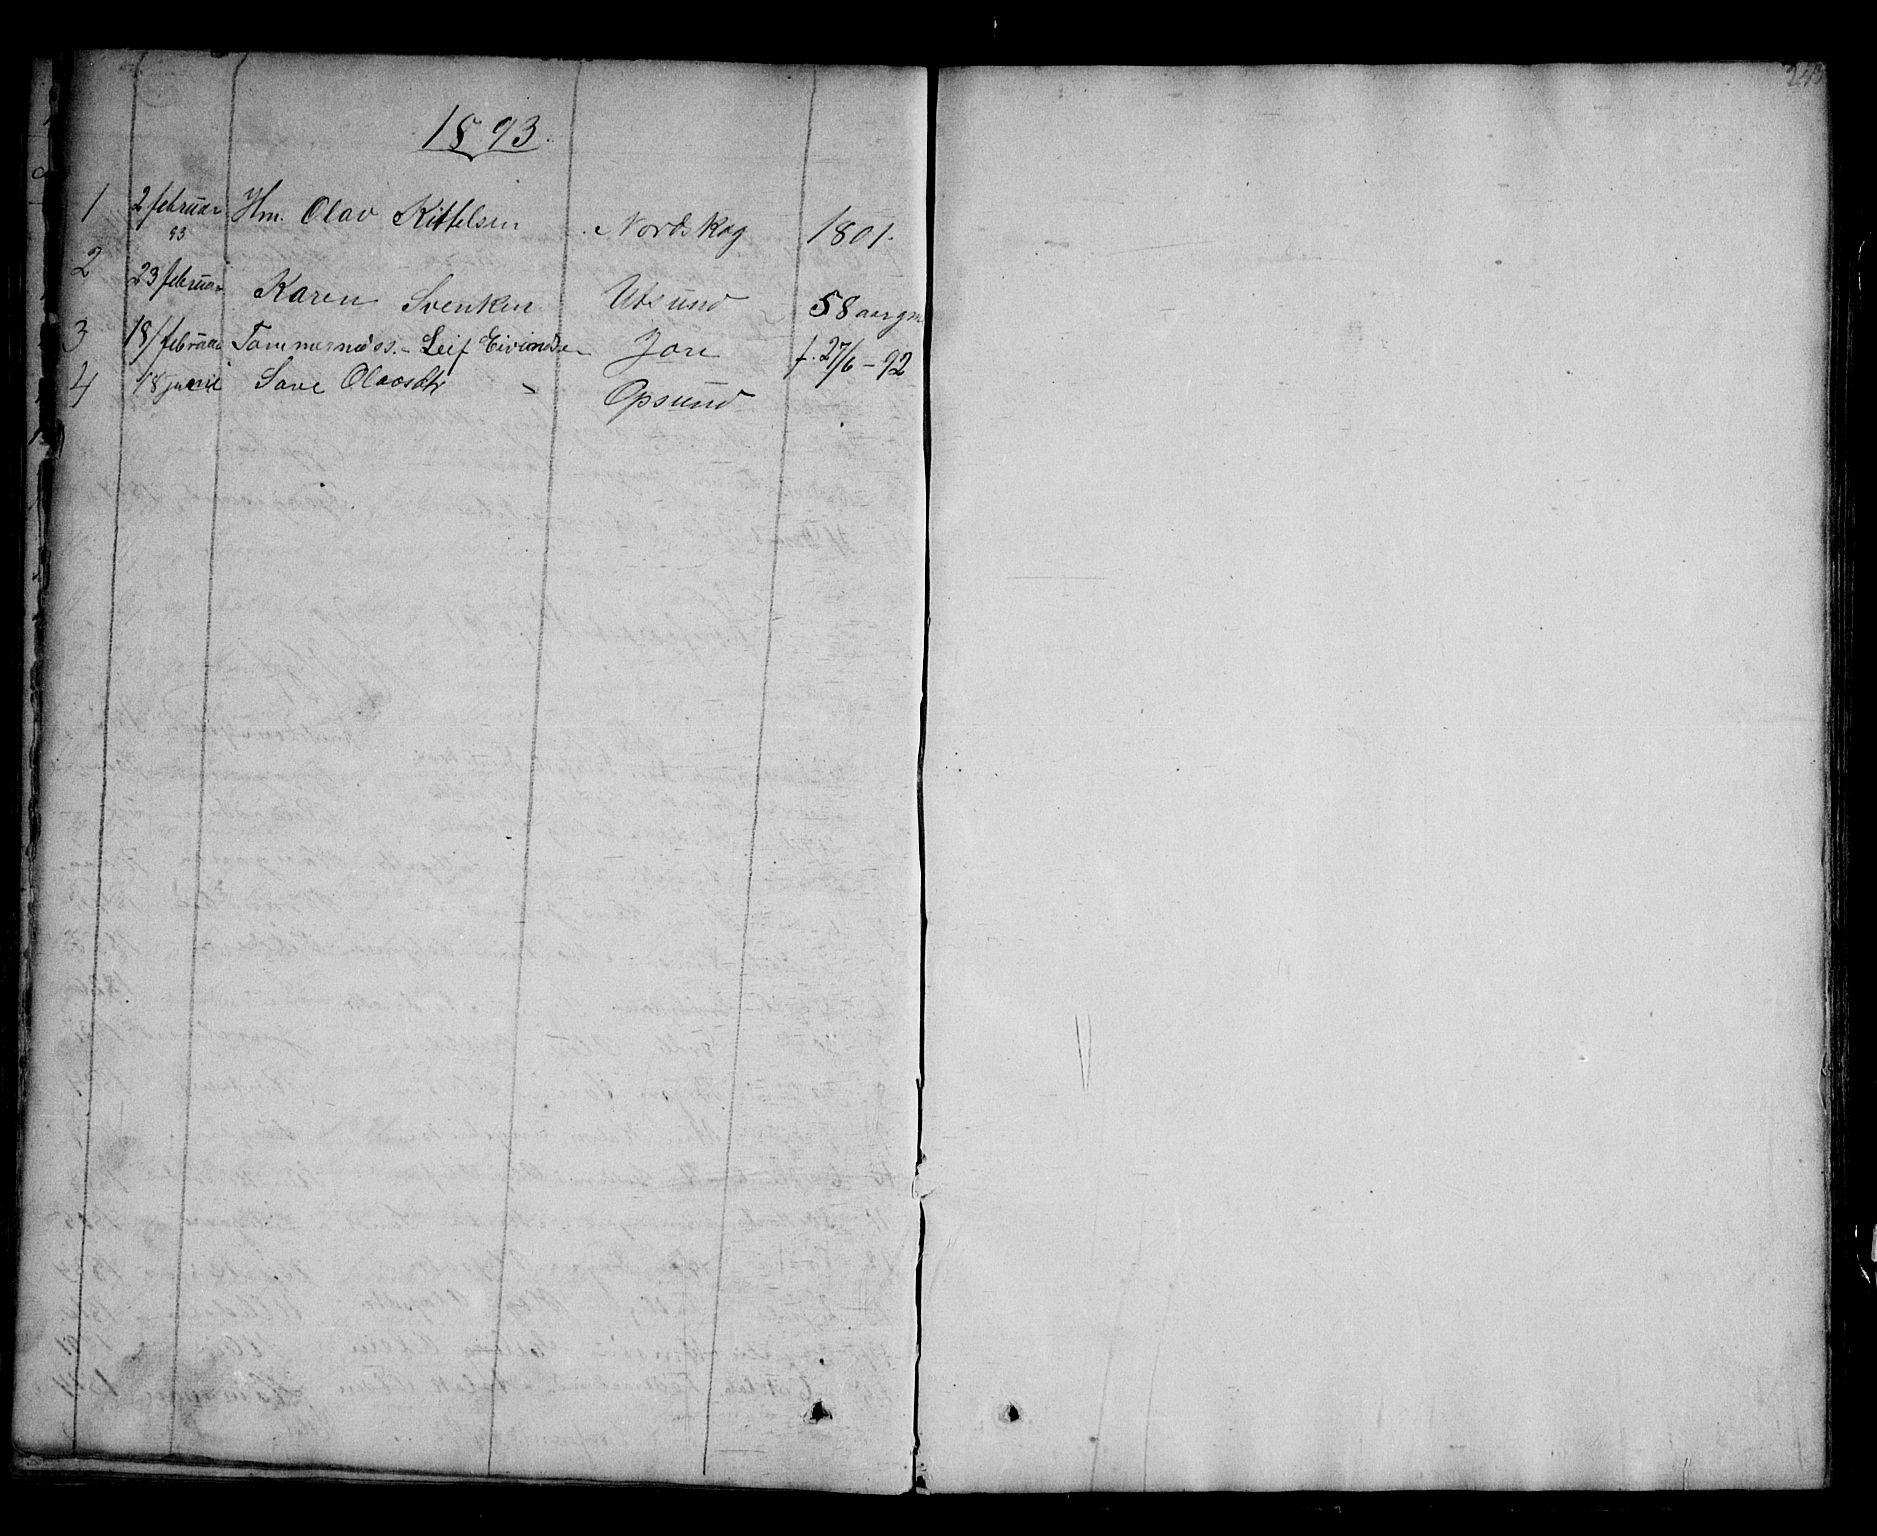 SAKO, Kviteseid kirkebøker, G/Ga/L0001: Klokkerbok nr. I 1, 1850-1893, s. 243